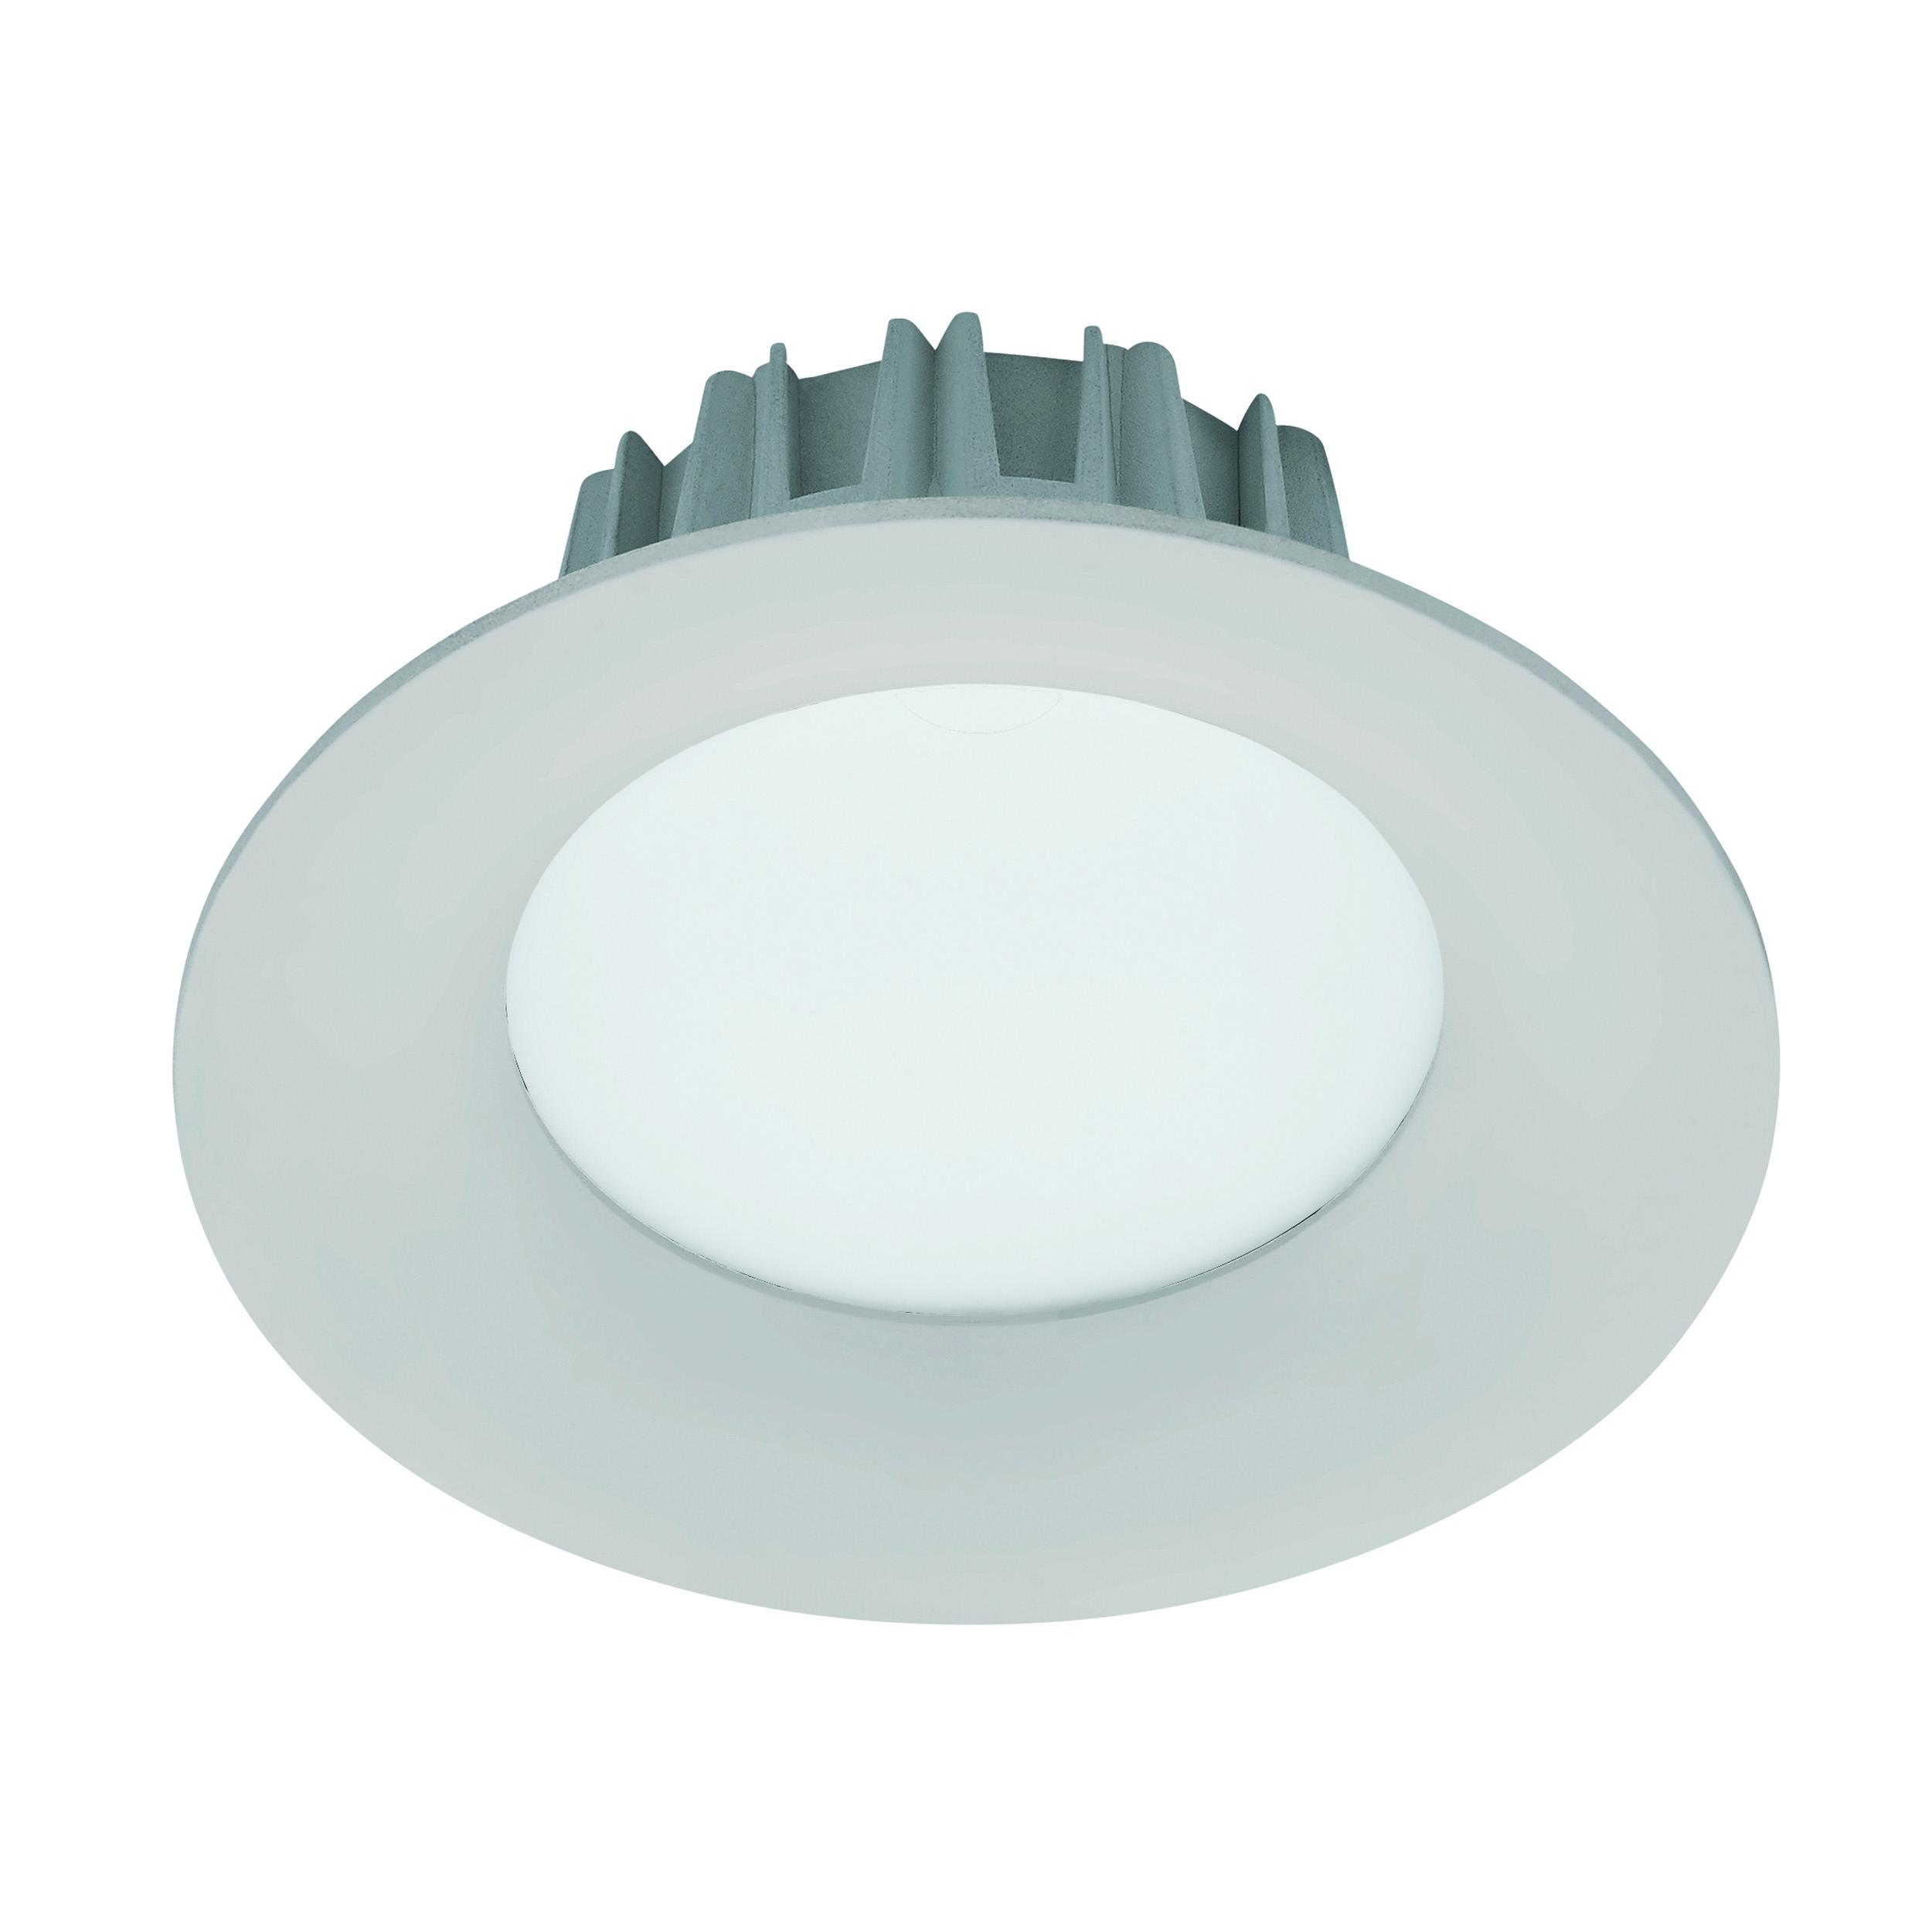 Ceiling Luminaires35818